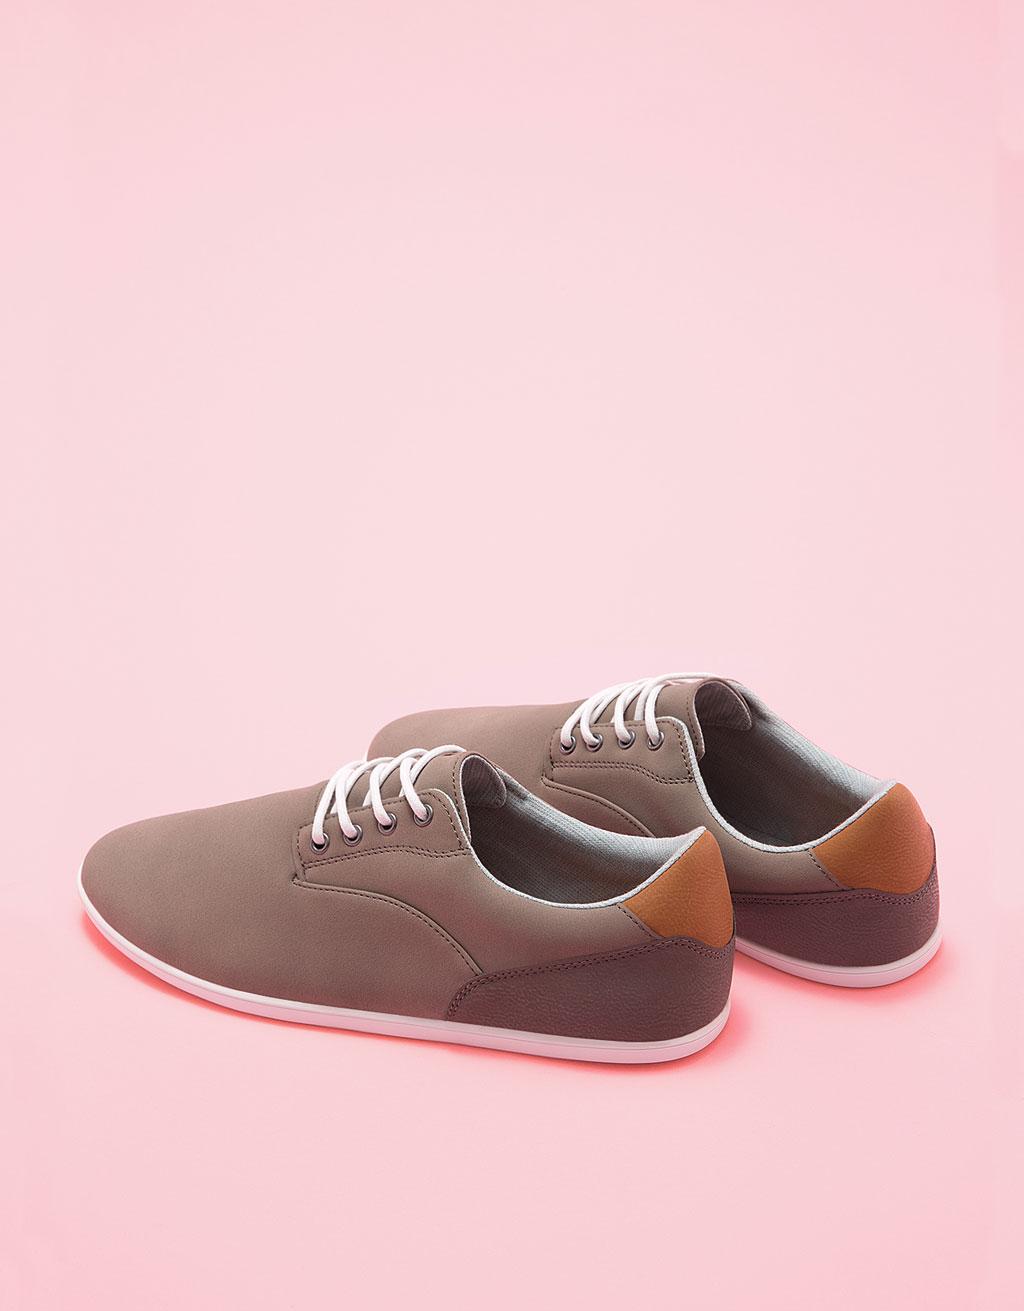 Men's combined lace-up shoes